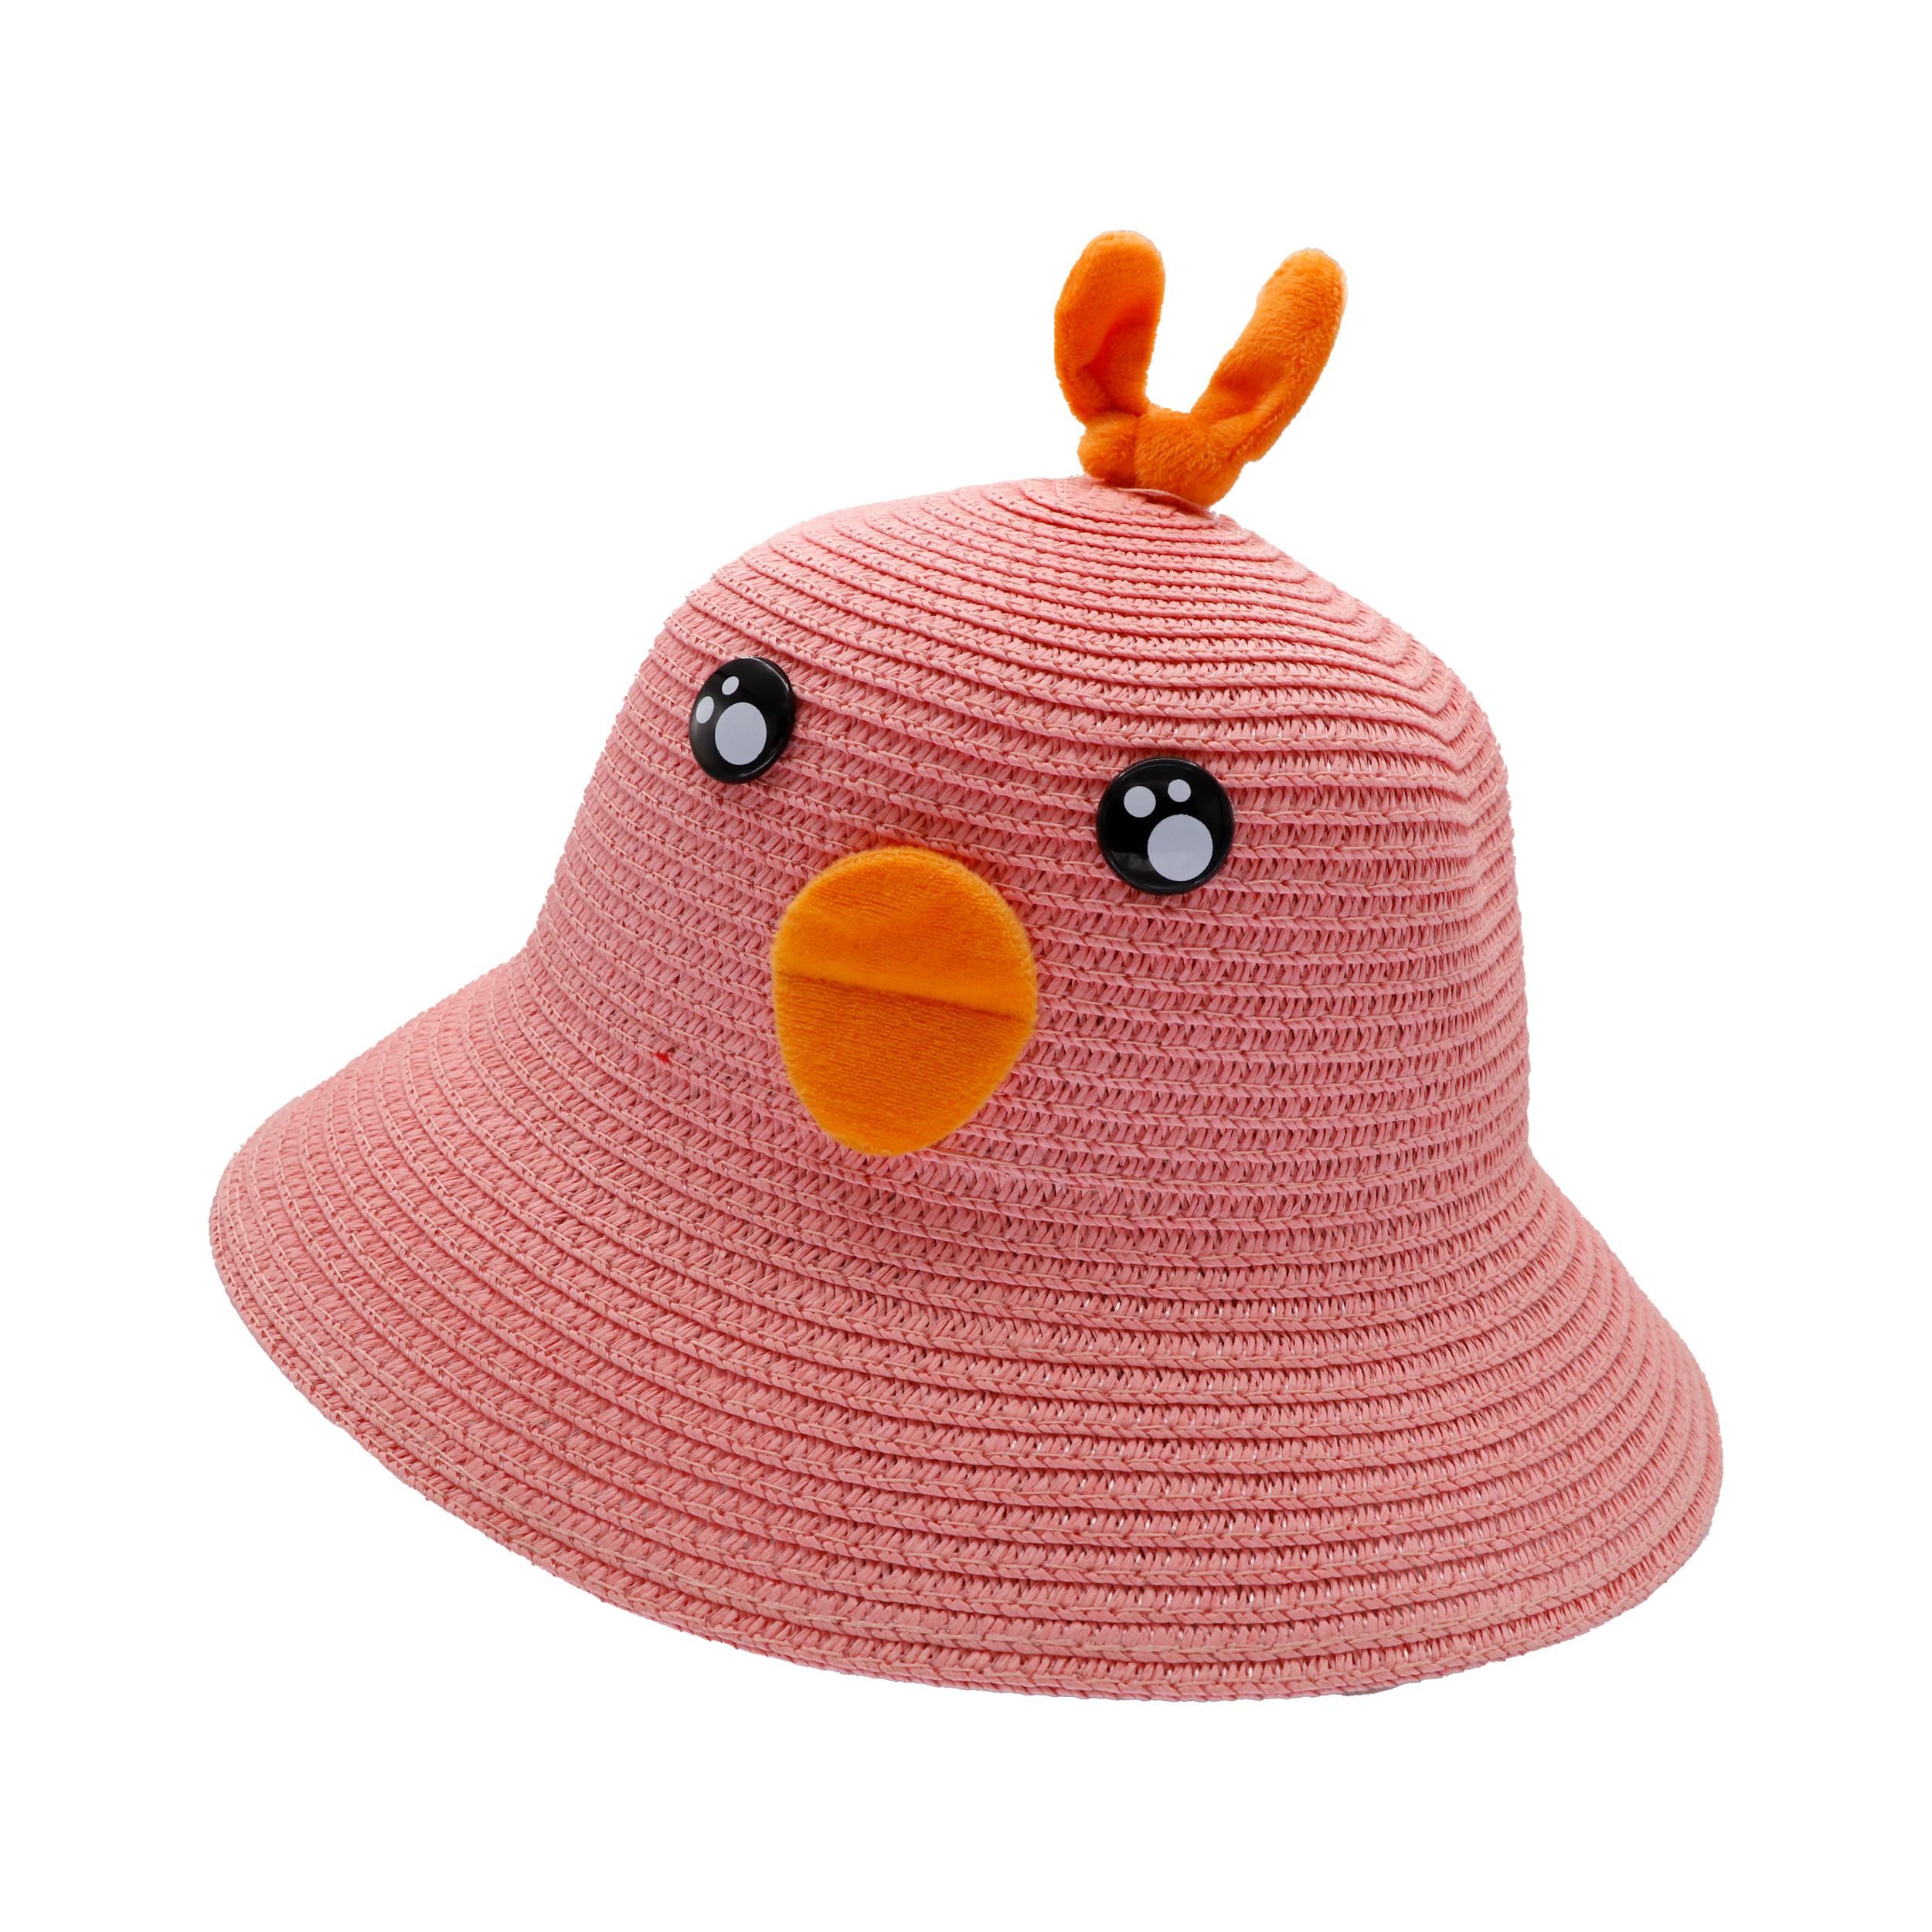 کلاه بچگانه مدل جوجه اردک رنگ صورتی